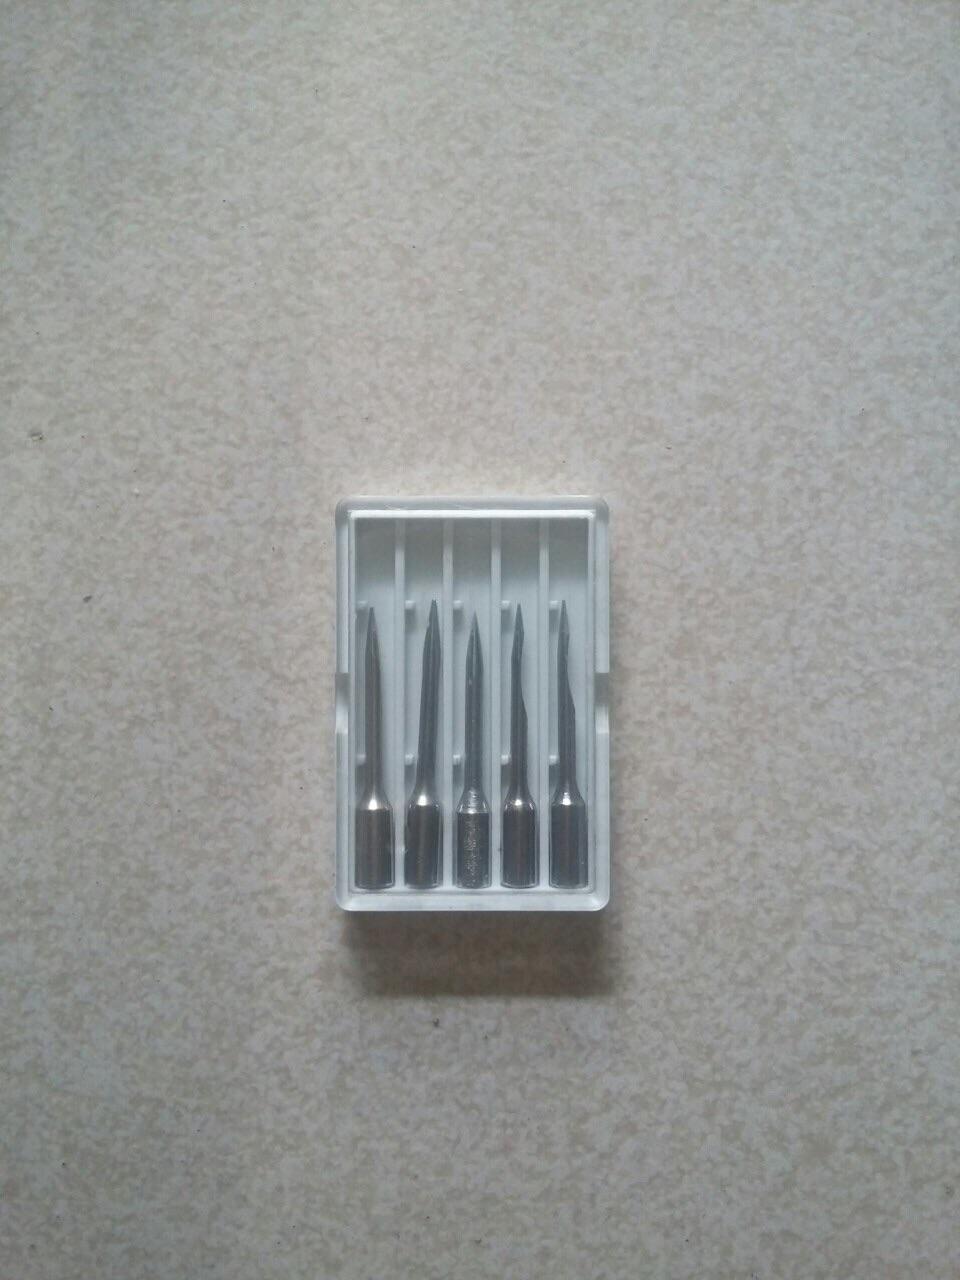 Tặng 1 hộp kim dự phòng (5kim) khi mua 1 máy bấm + 2 hộp dây